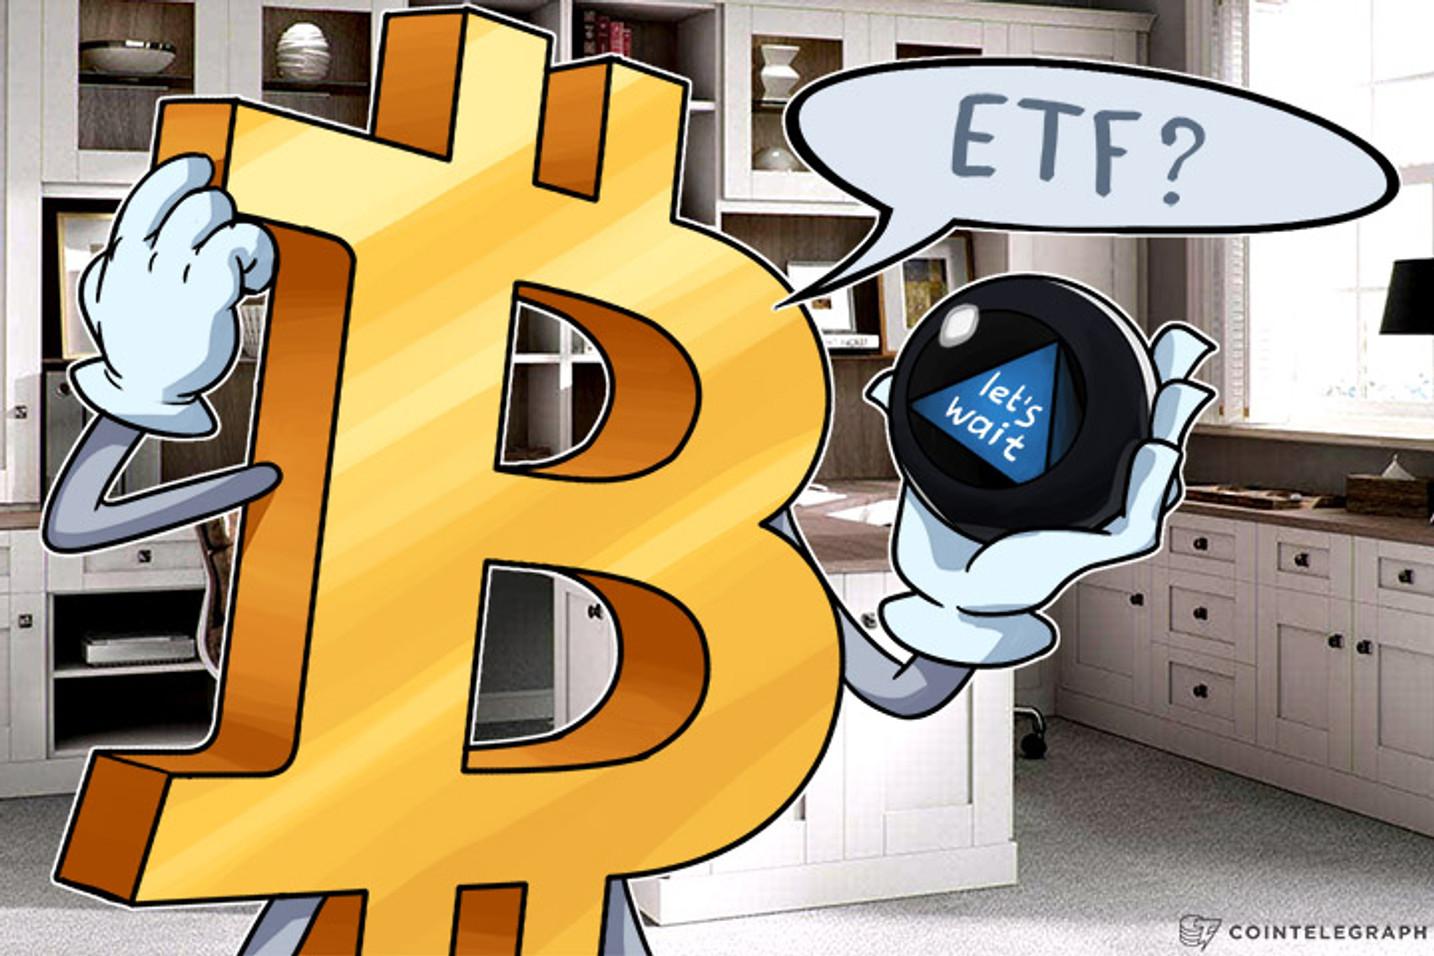 SEC todavía puede aprobar ETFs, esperando más estabilidad: Abogado